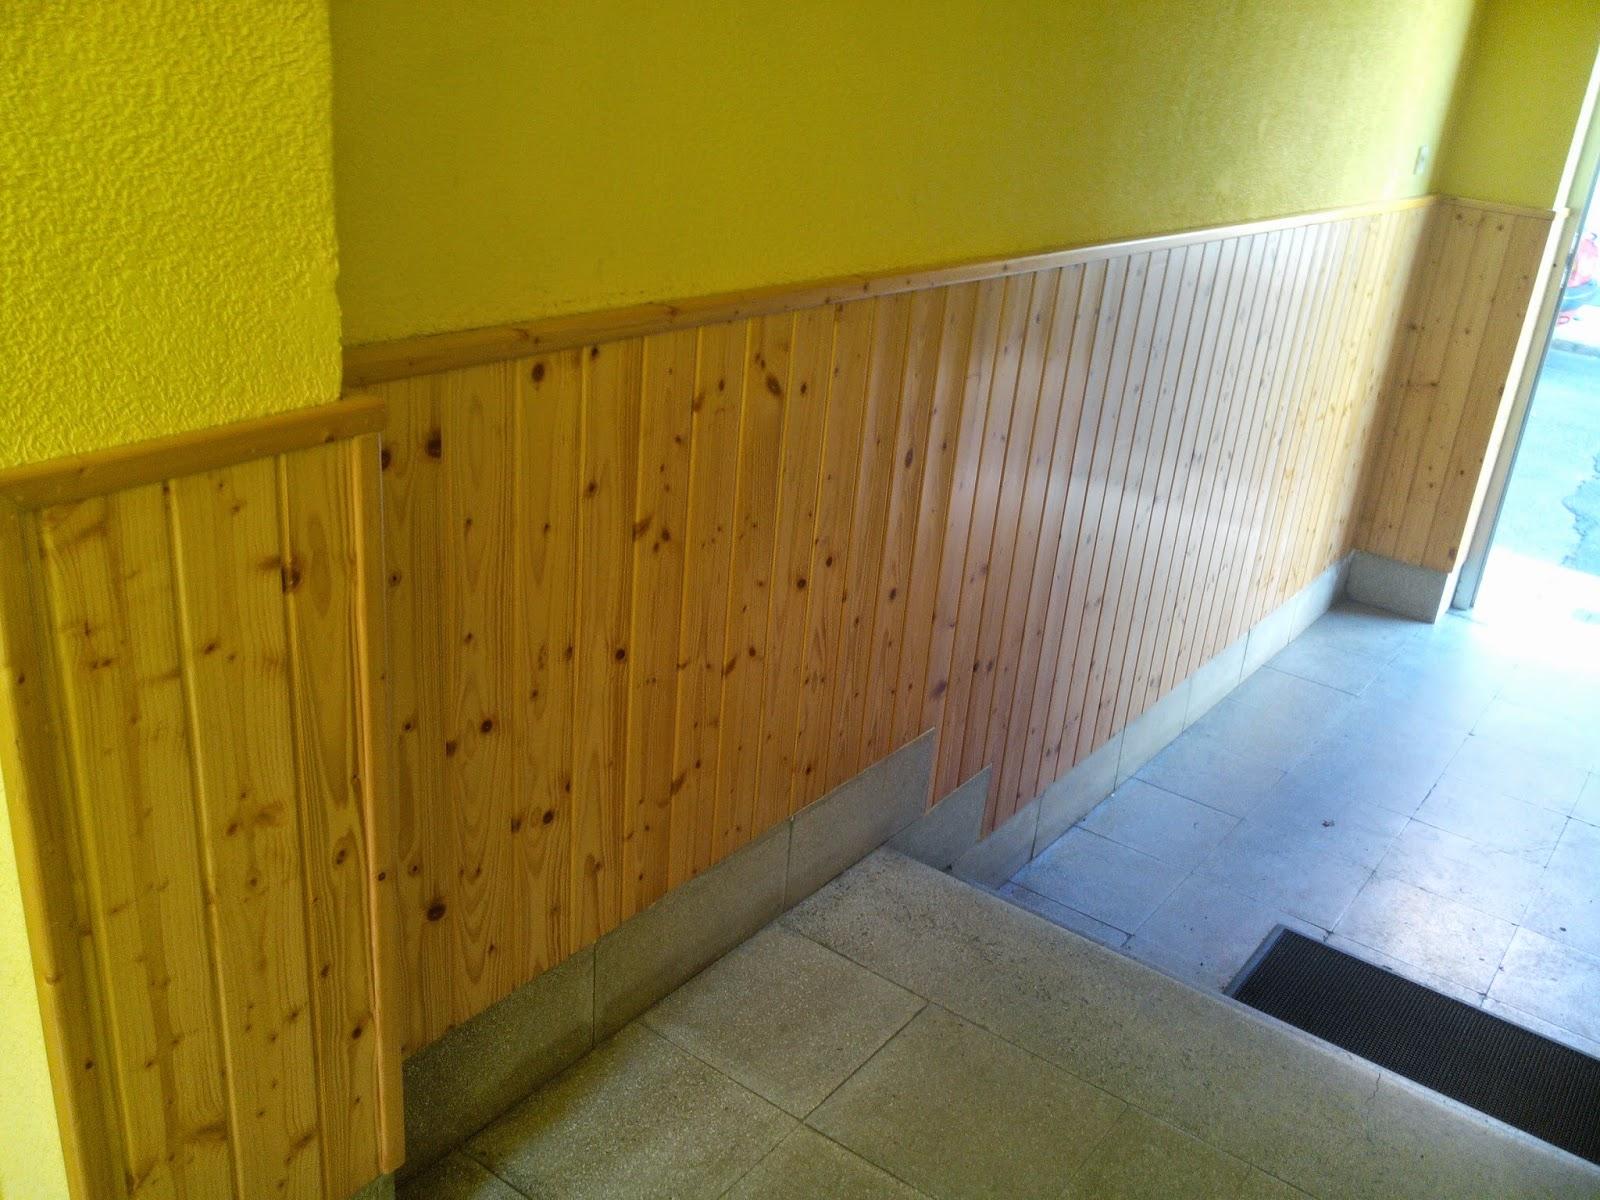 Para paredes con humedad amazing otros servicios de pvc - Pintar paredes con humedad ...